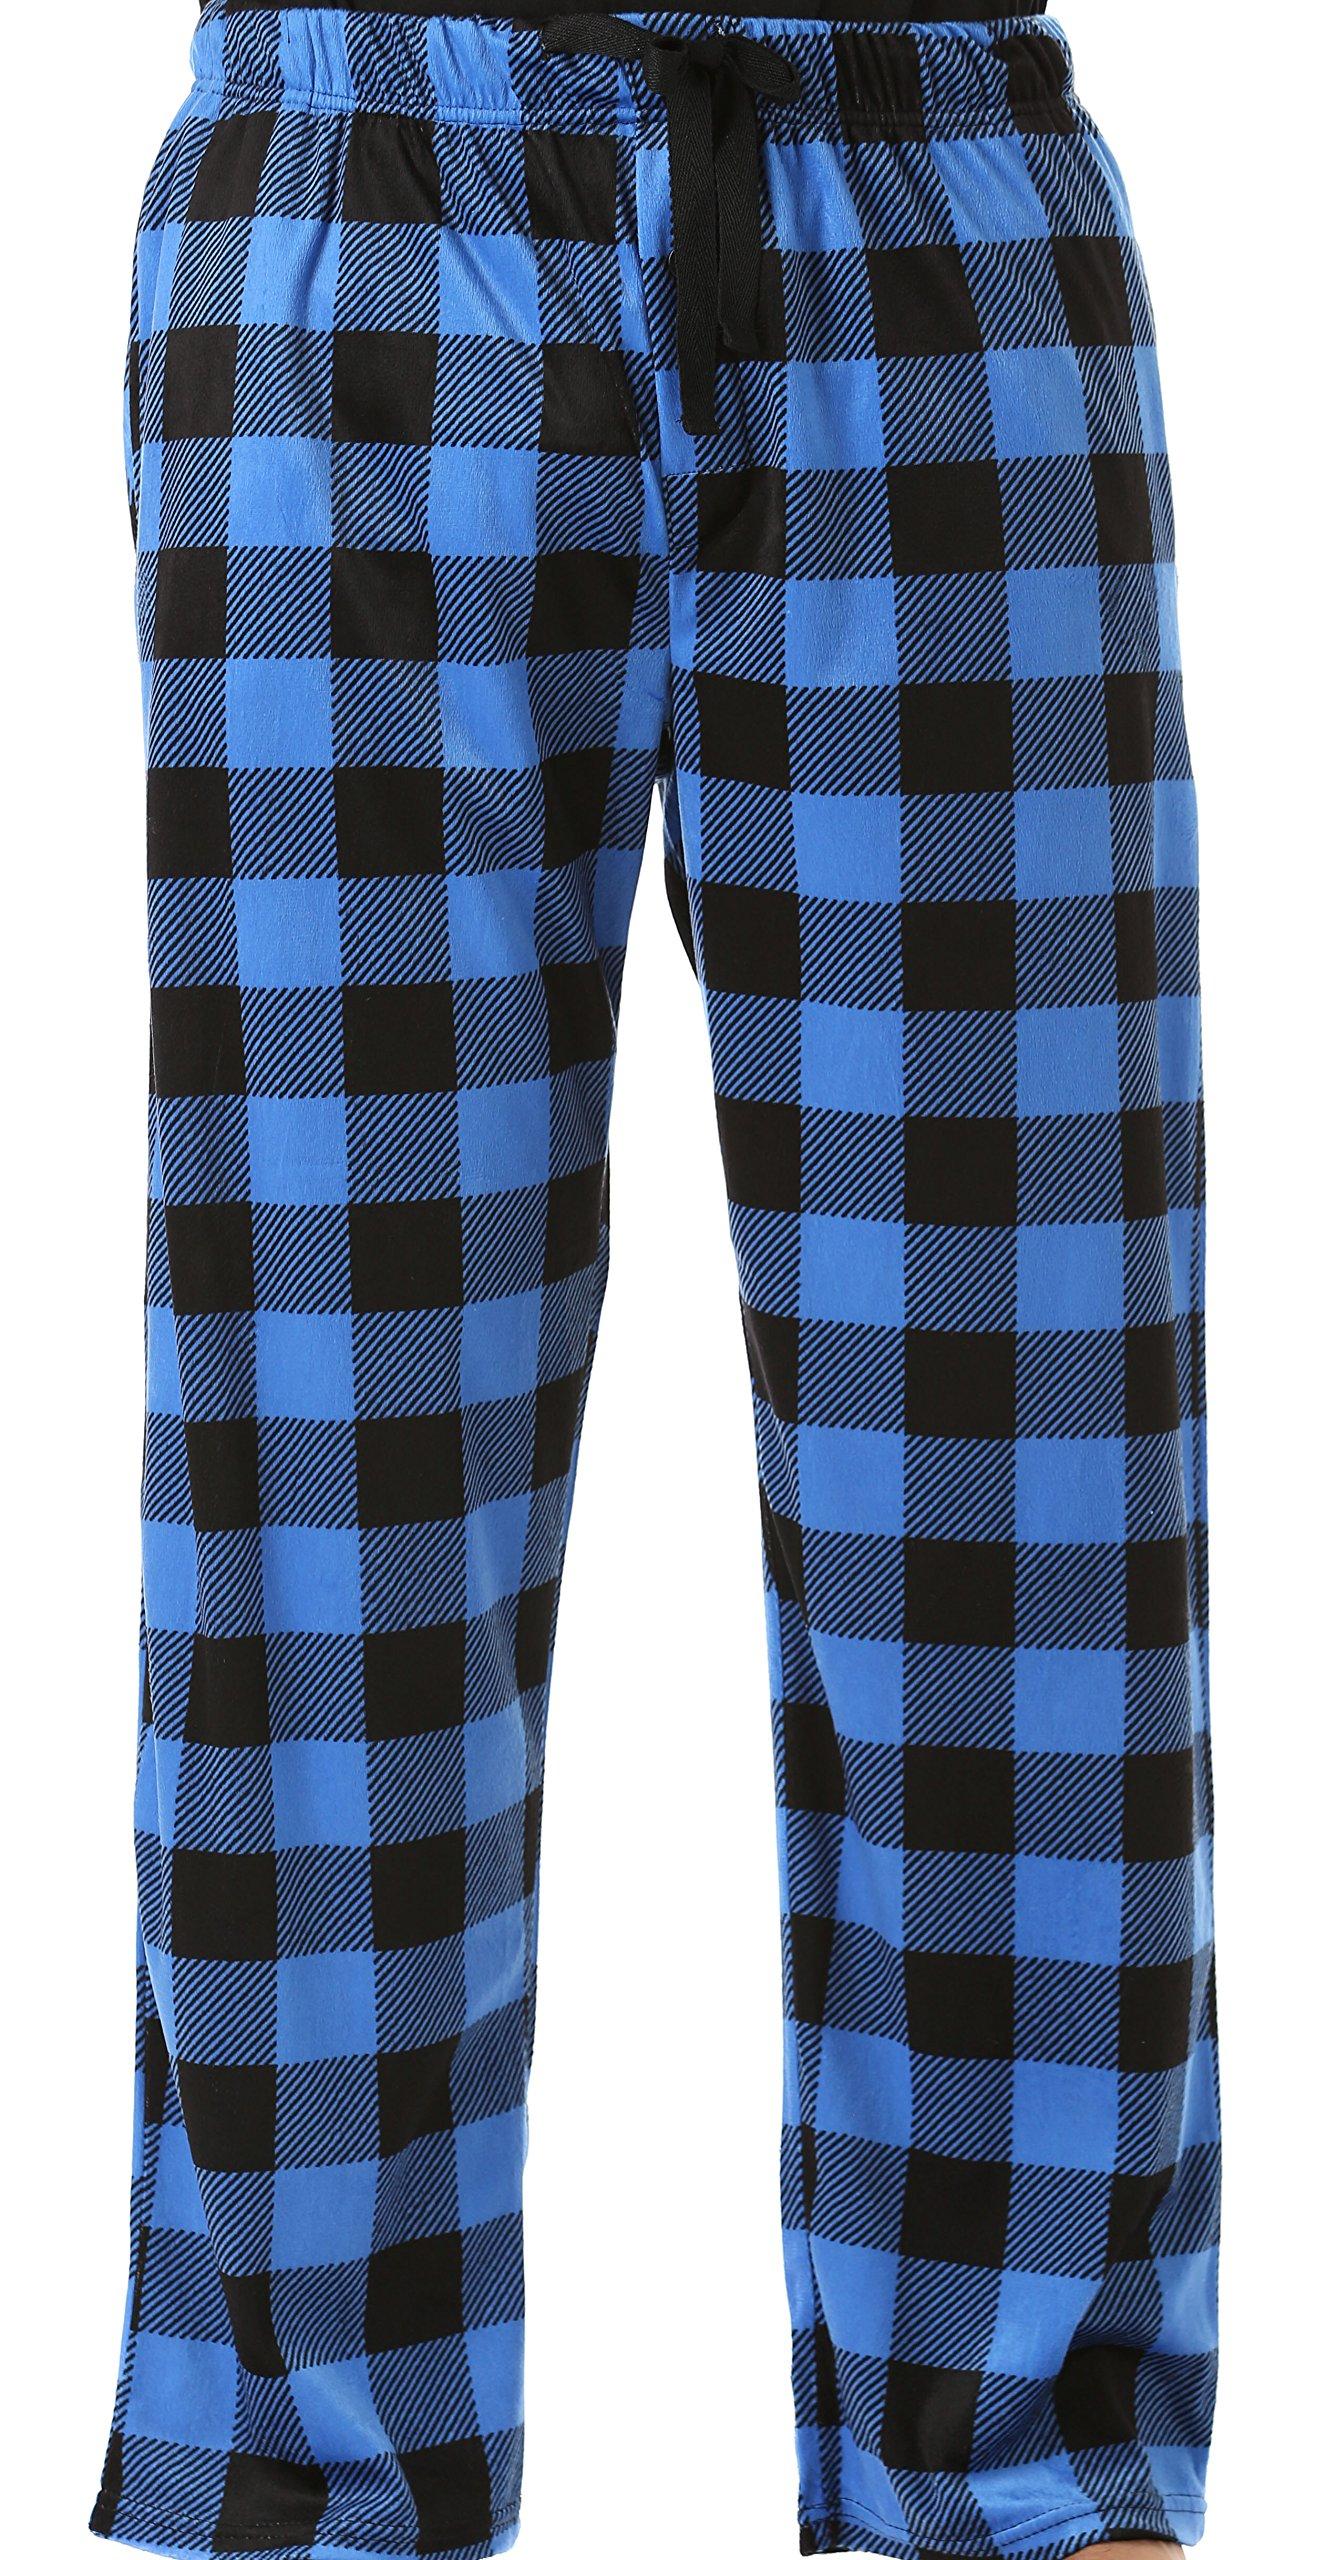 Prince of Sleep Plush Pajama Pants for Boys 45508-1C-14-16